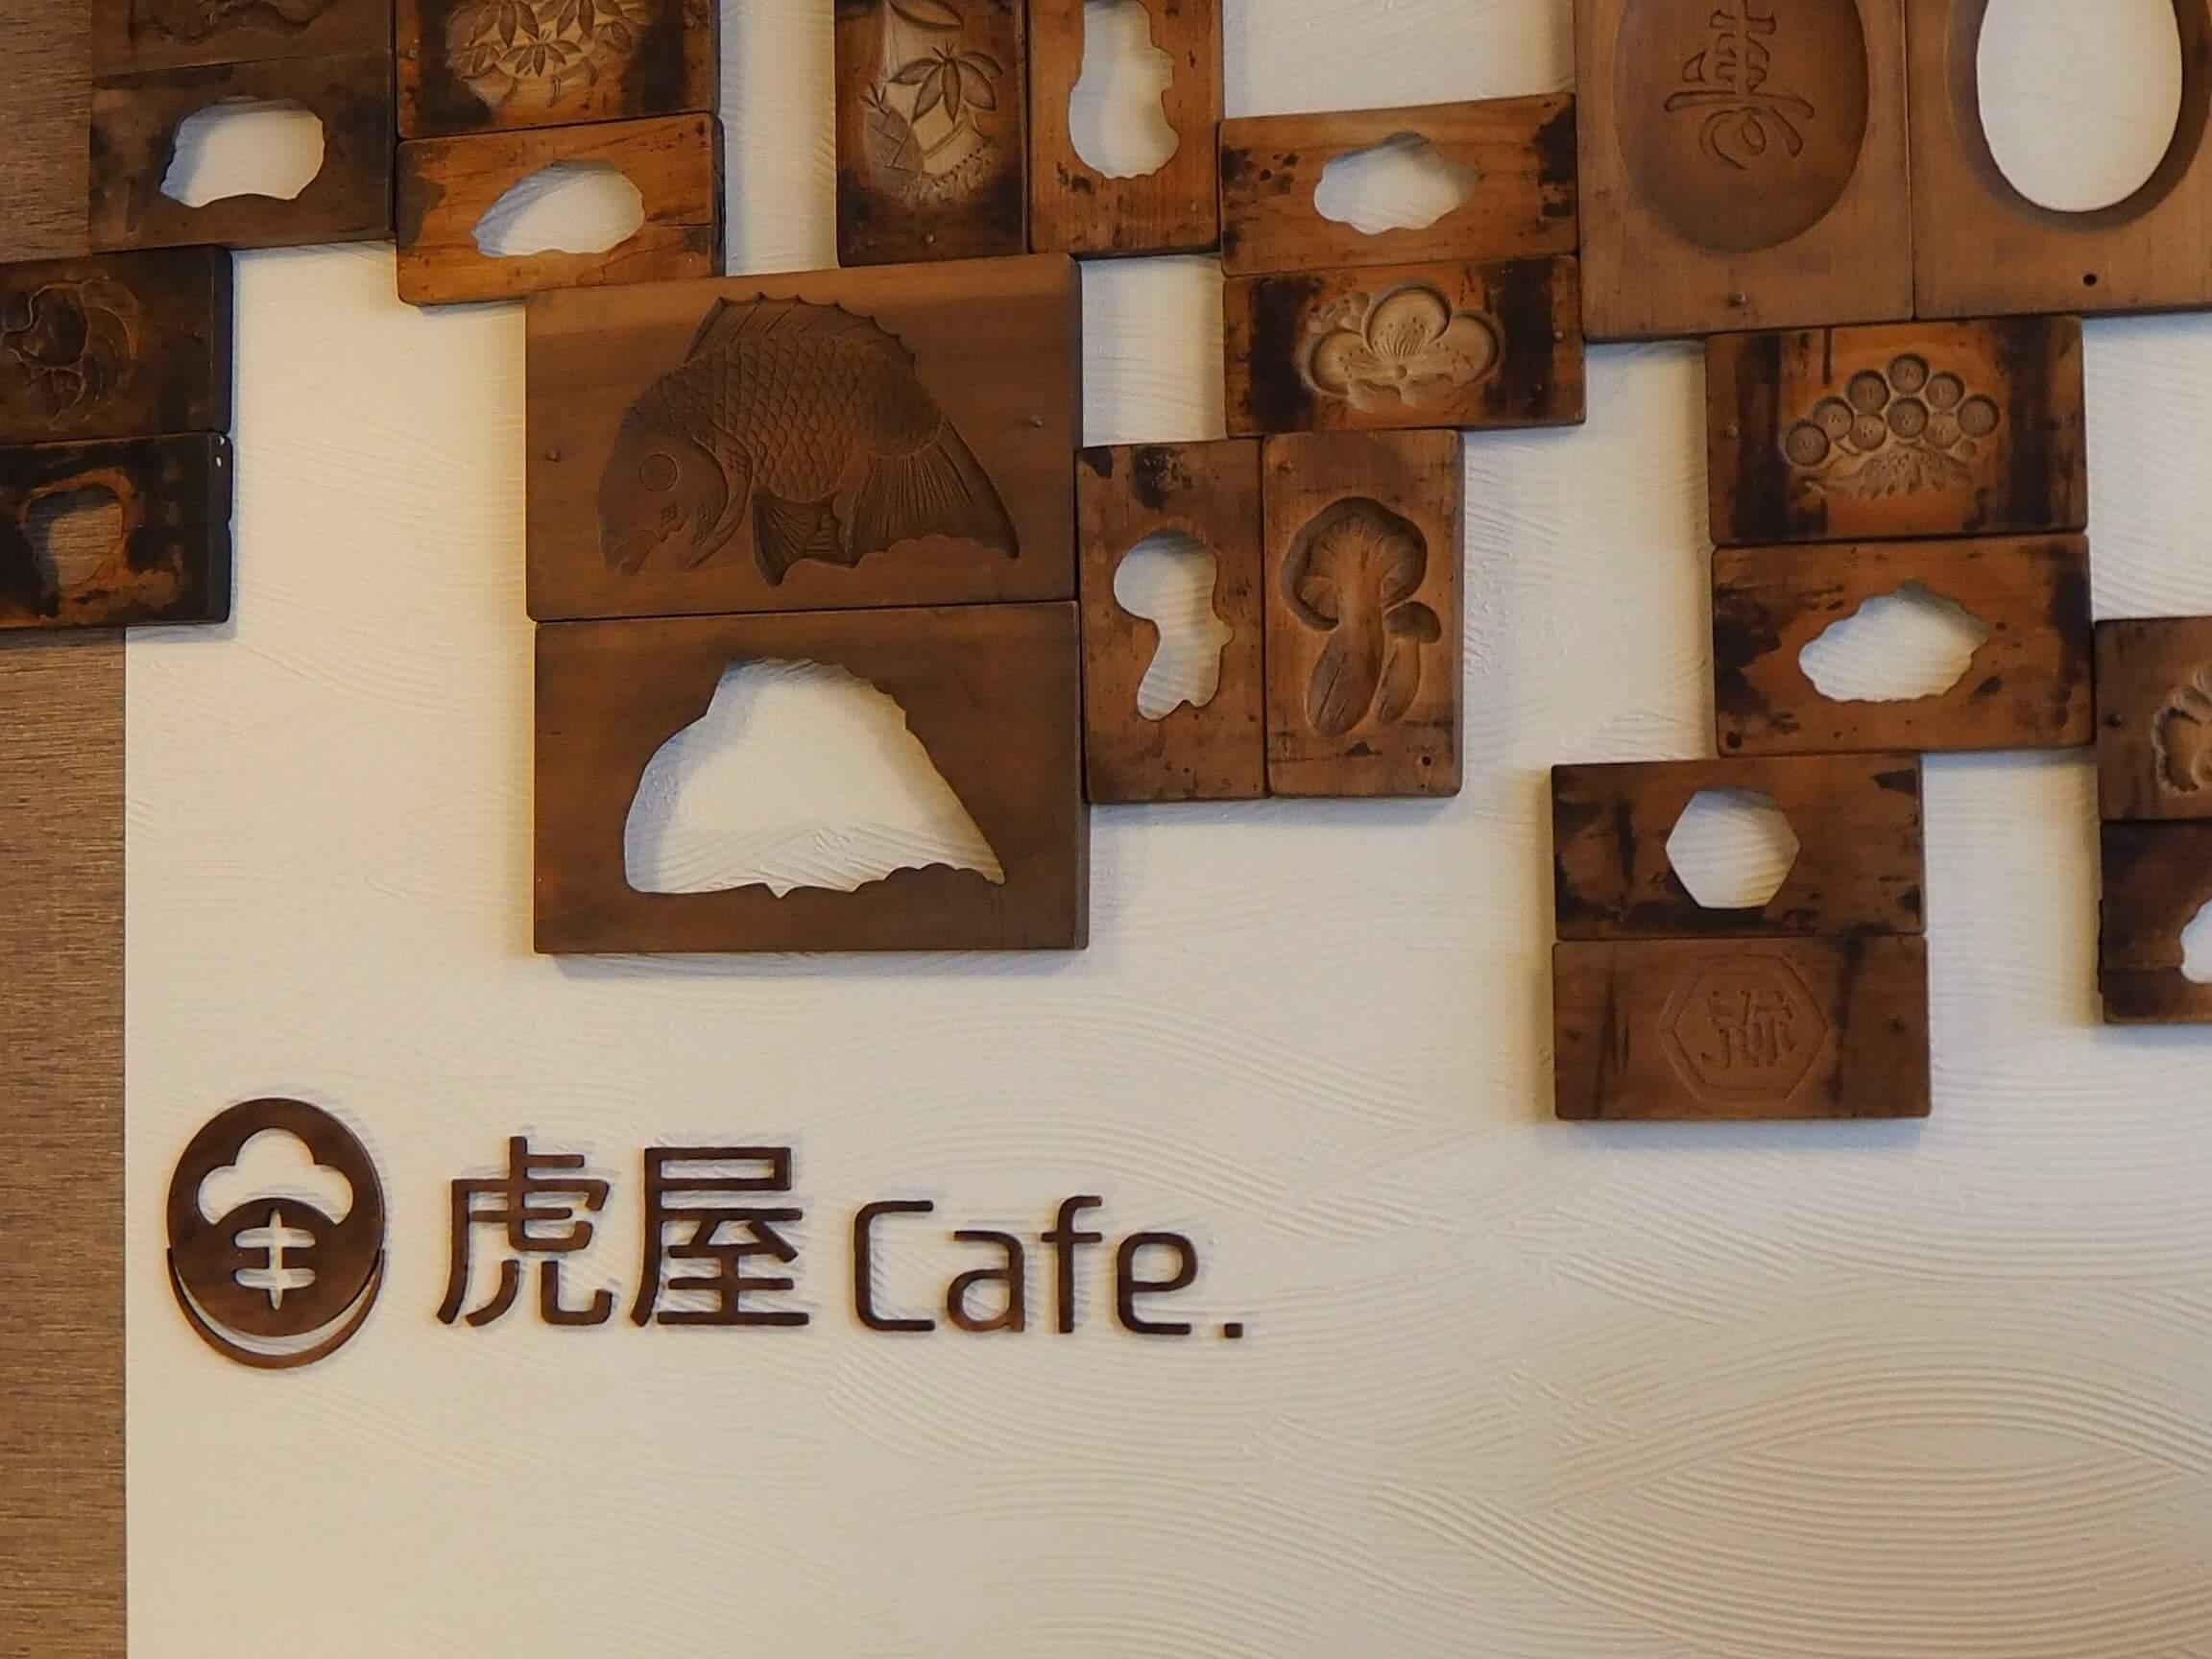 虎屋カフェ 入口